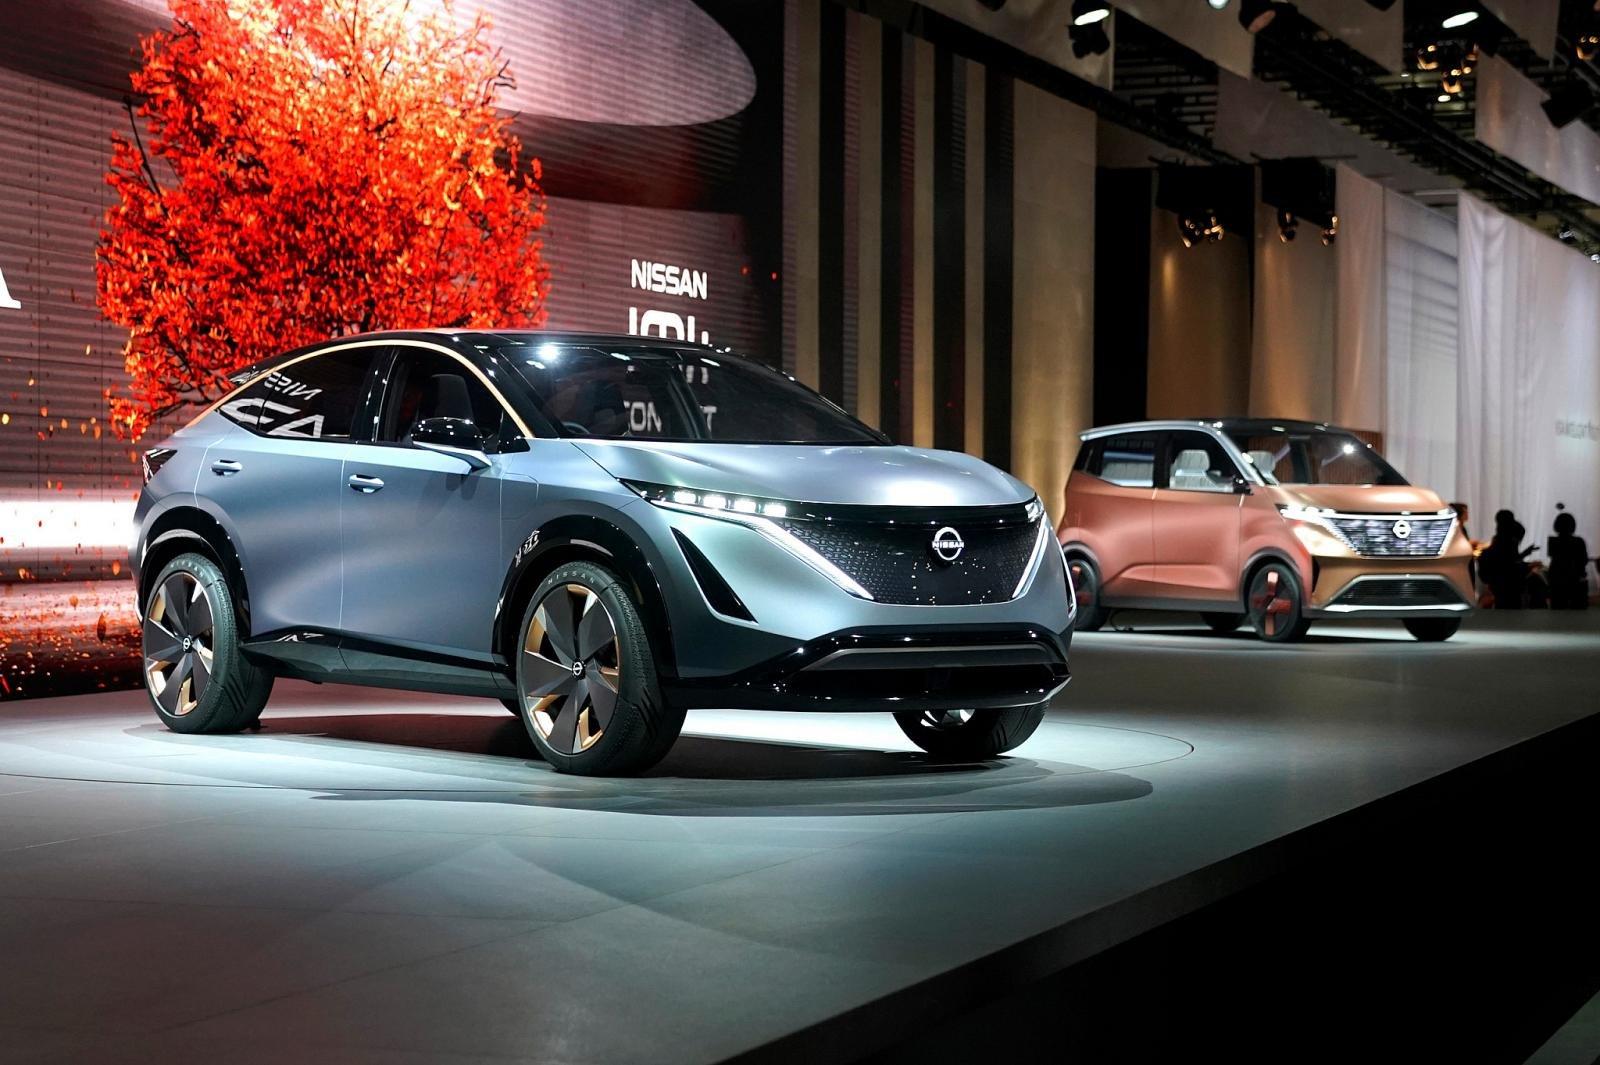 Xếp hạng tín nhiệm Nissan suy giảm do kinh doanh kém.